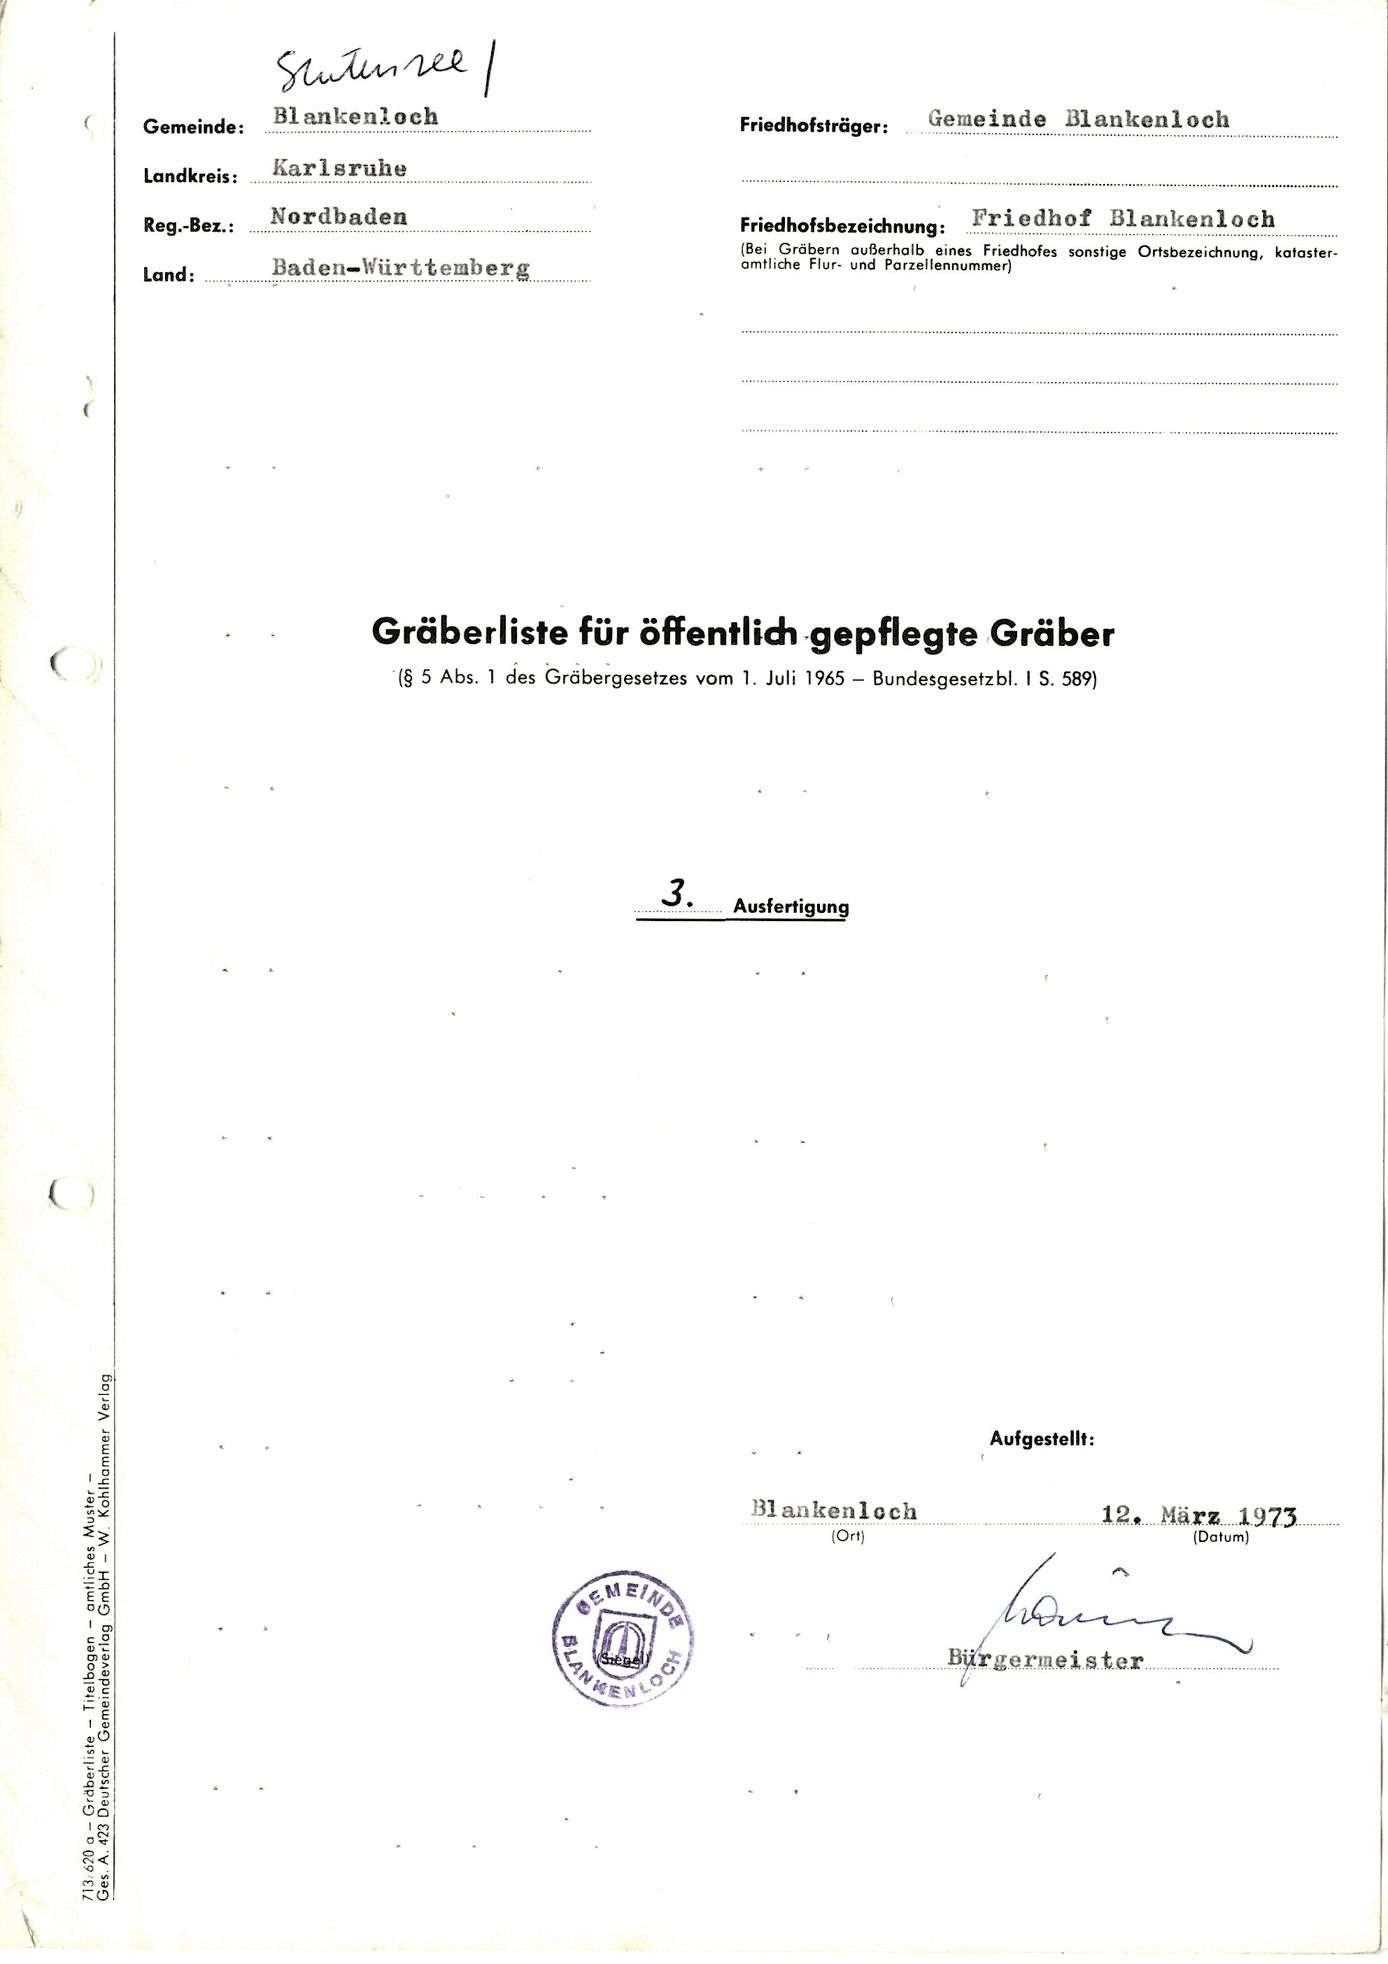 Blankenloch, Bild 1